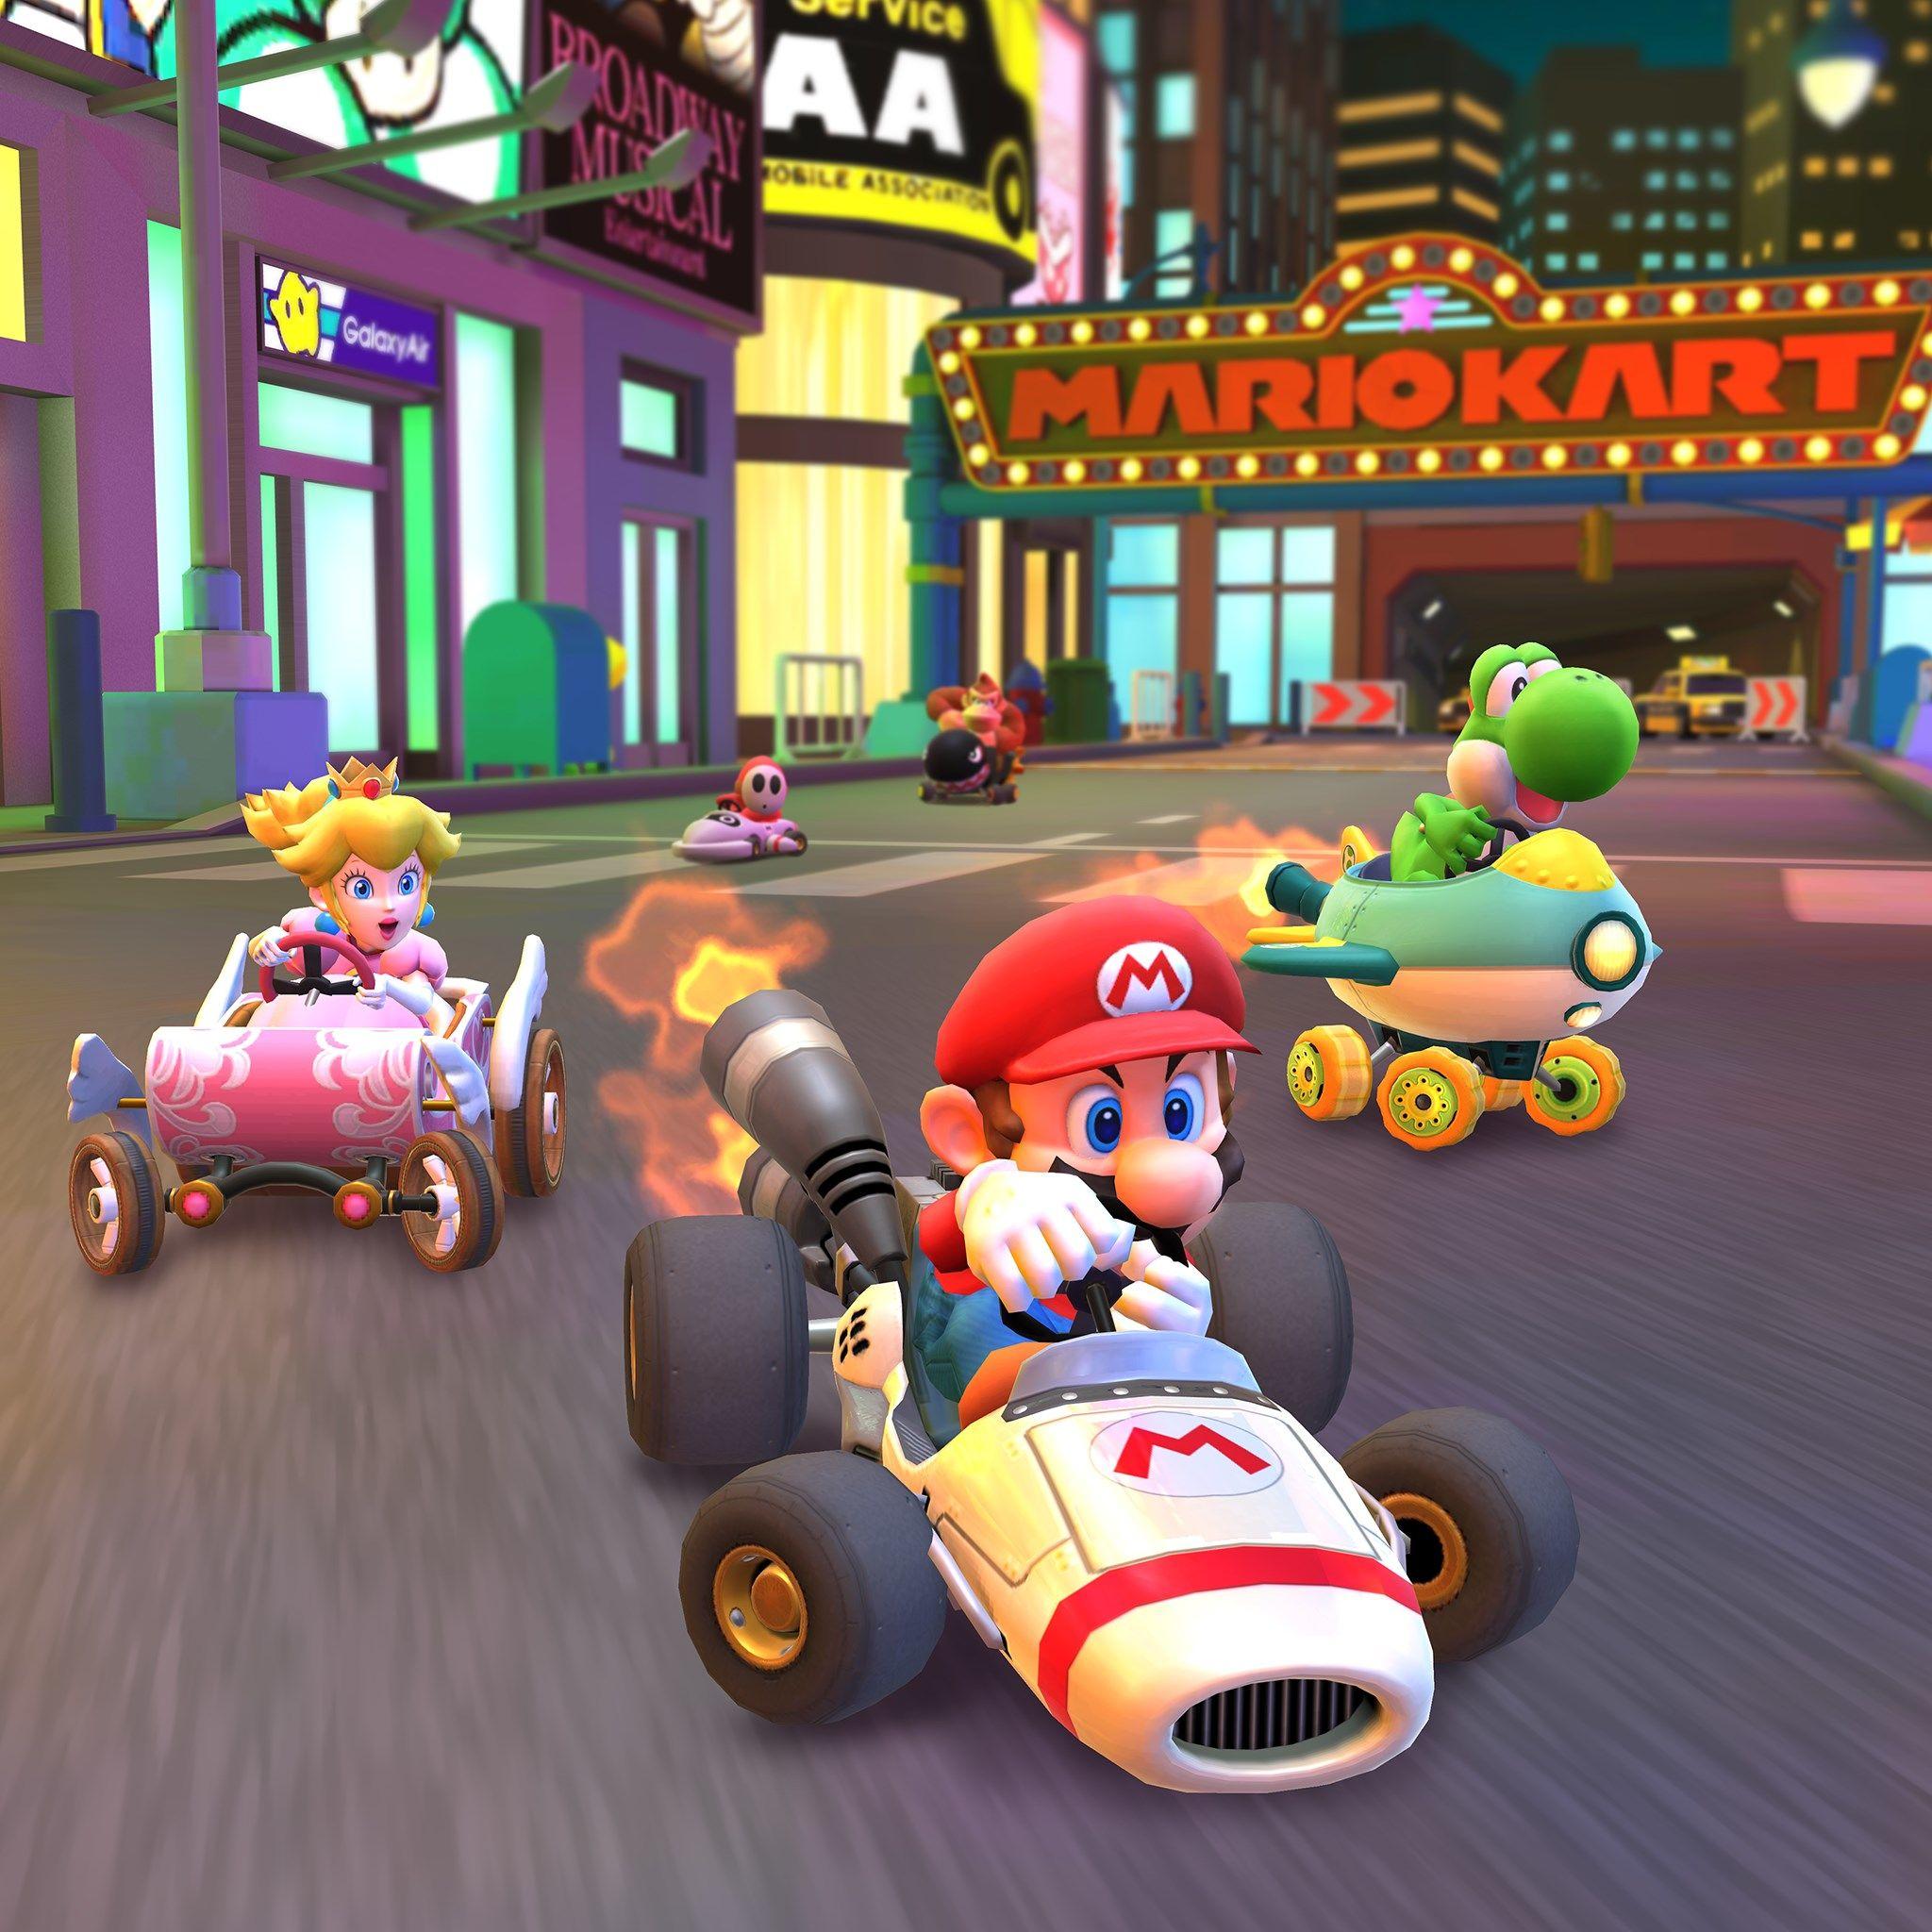 Mario Kart Tour sẽ vang lên vào năm 2020 với một tour du lịch năm mới 2